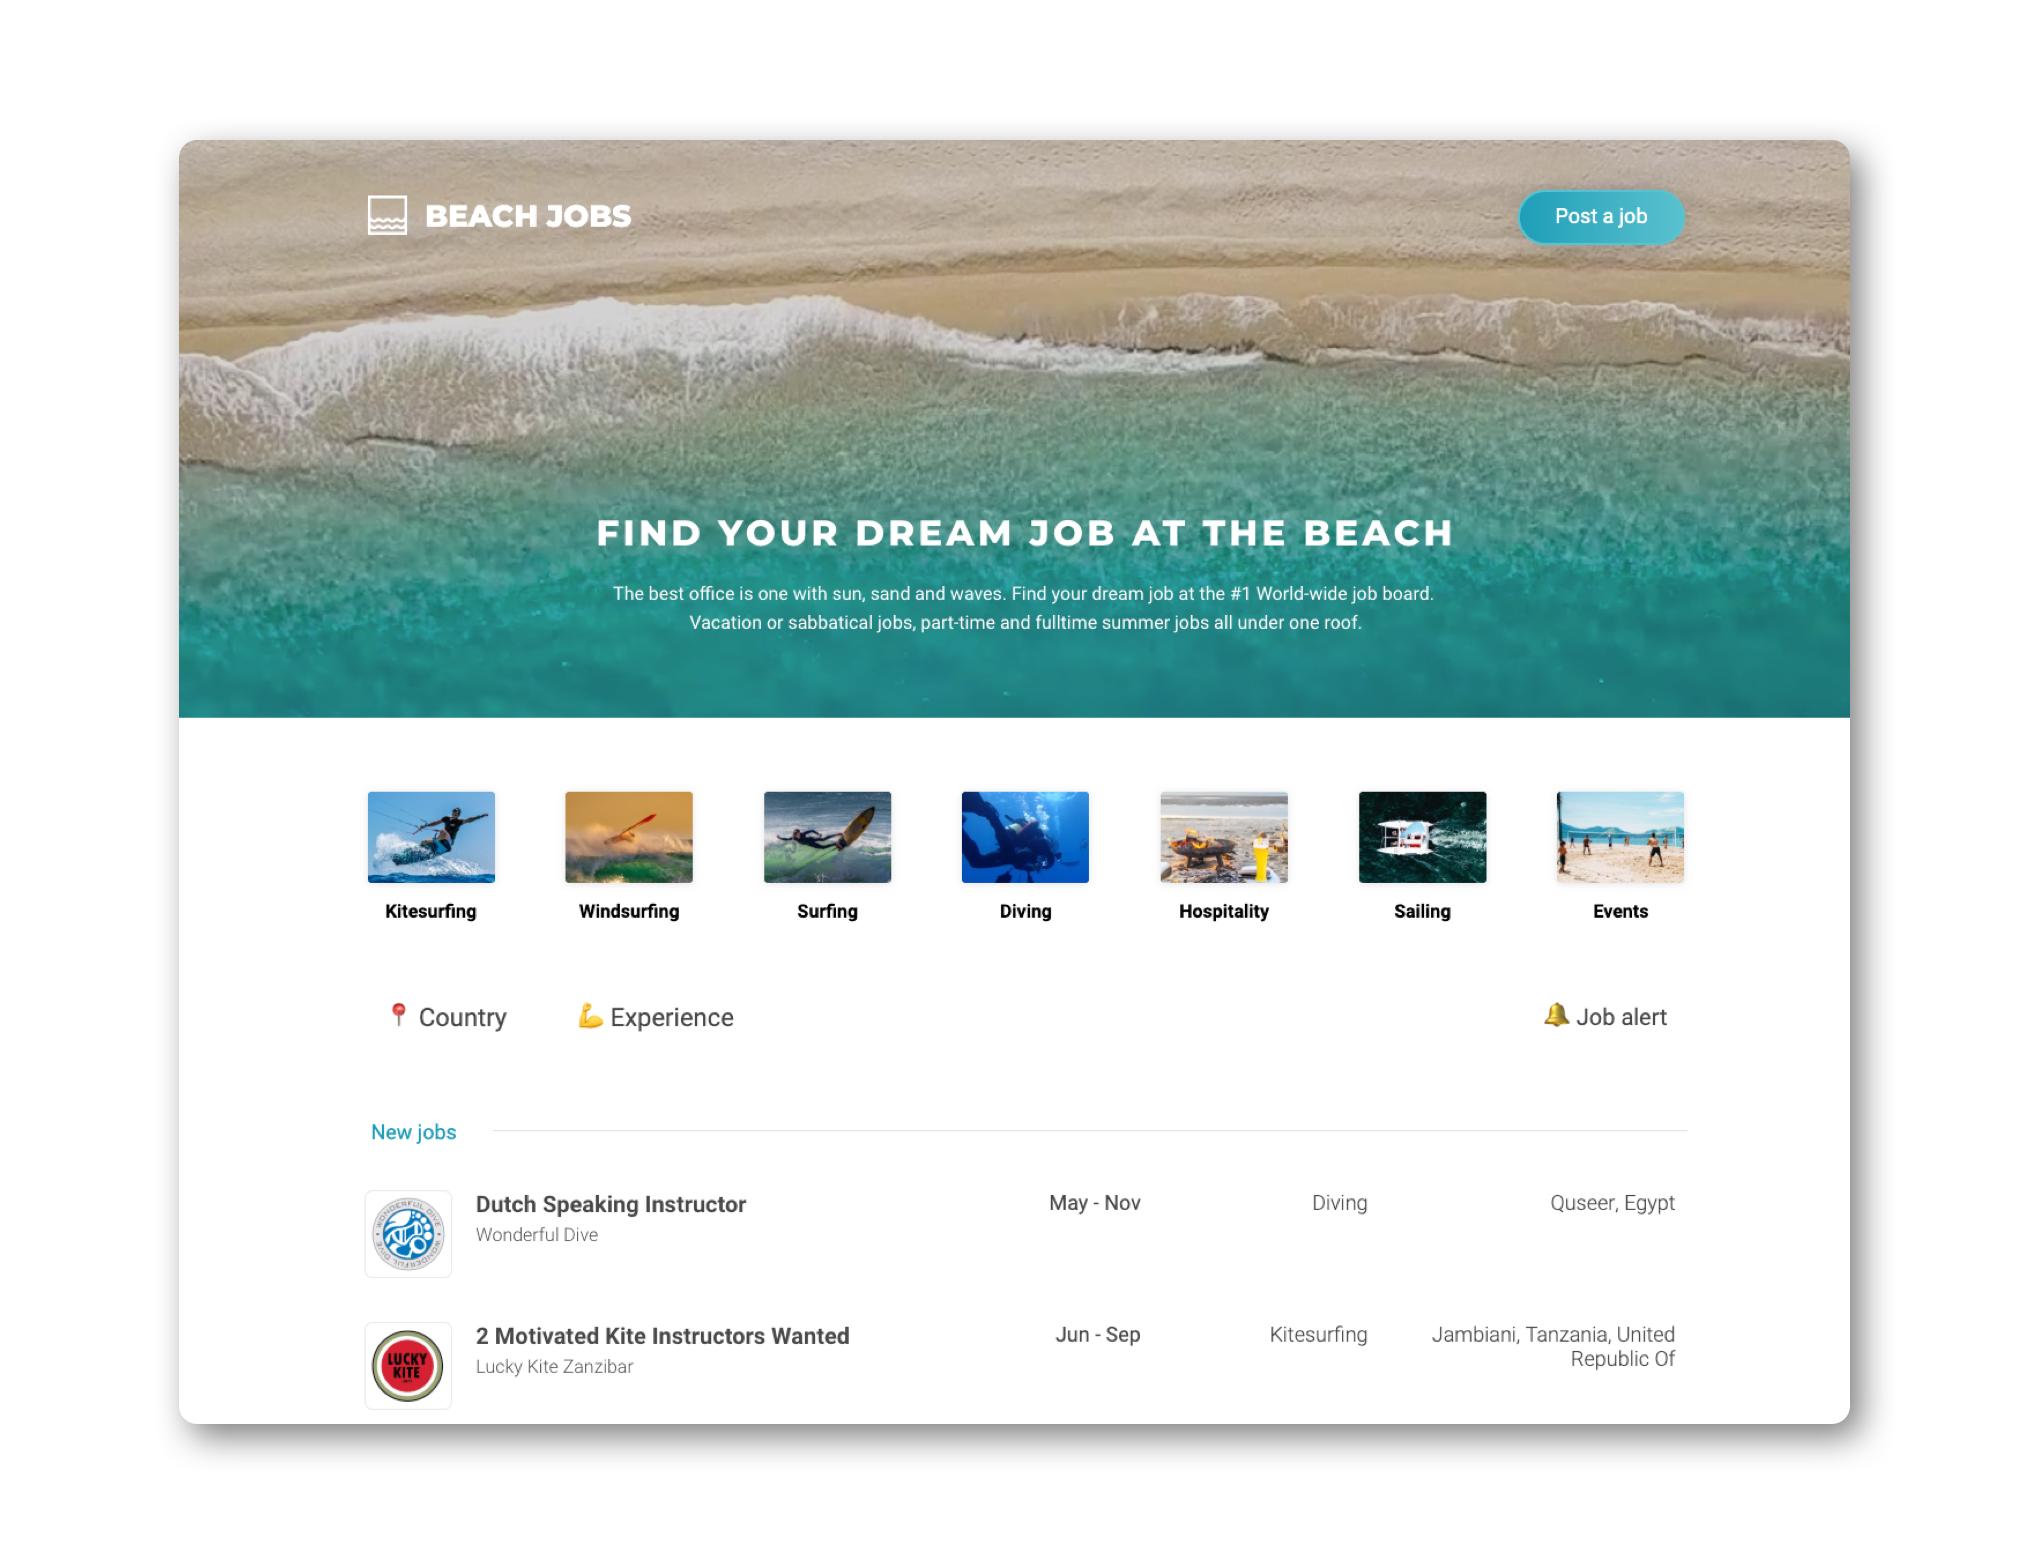 Beach Jobs - Work at the beach while you travel